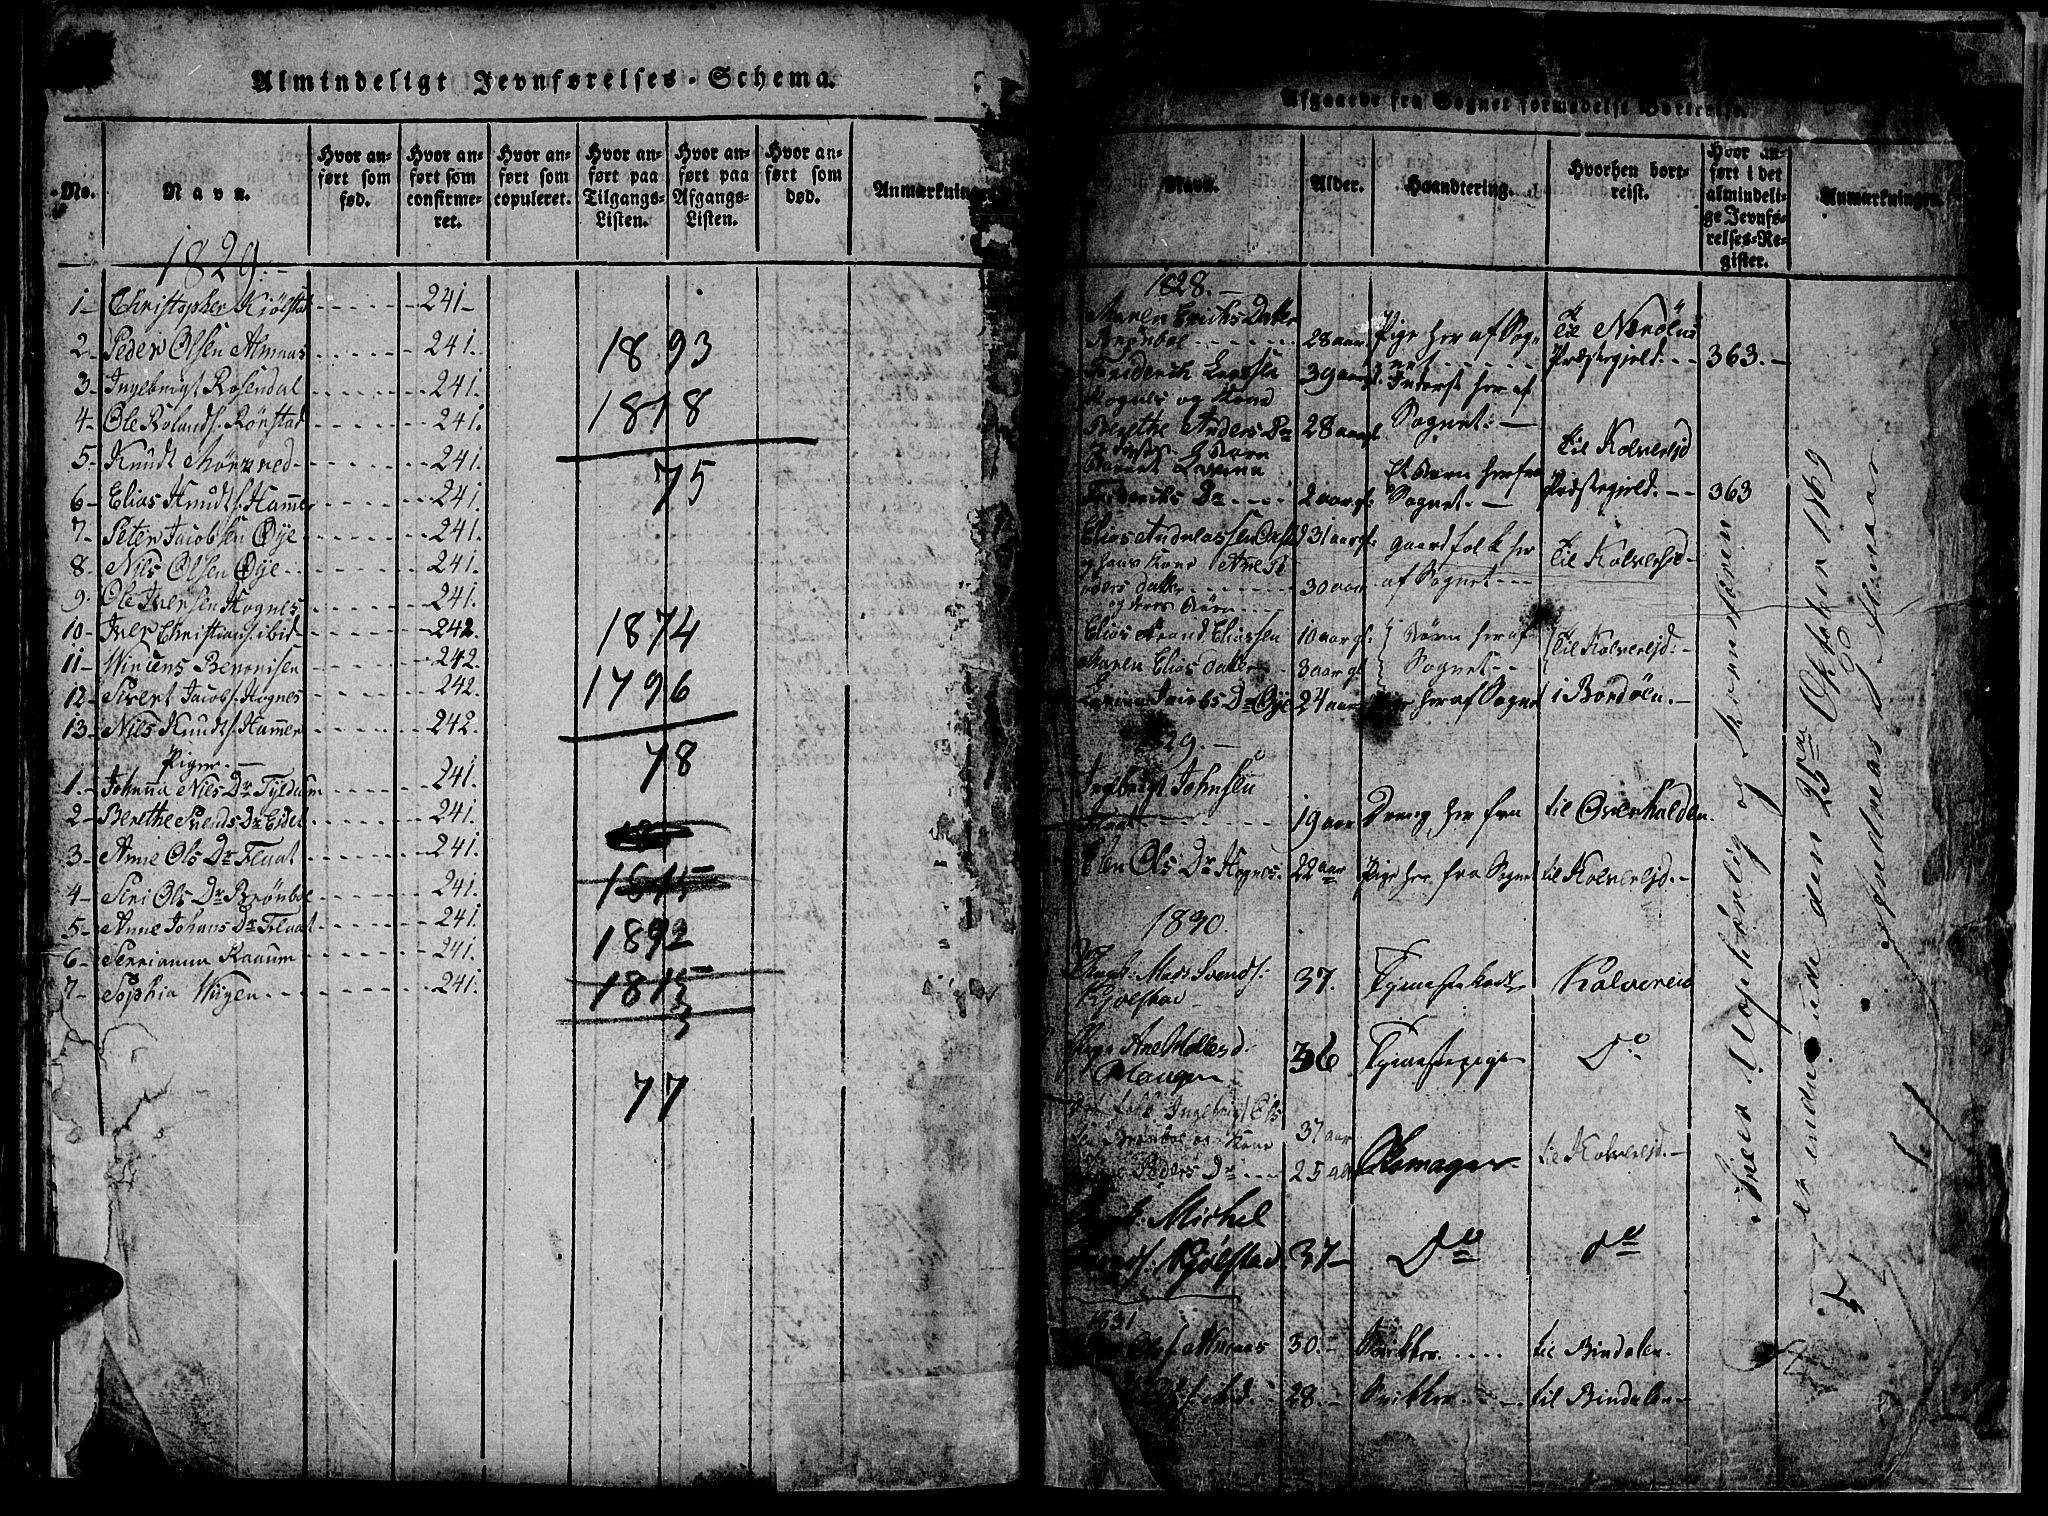 SAT, Ministerialprotokoller, klokkerbøker og fødselsregistre - Nord-Trøndelag, 765/L0562: Klokkerbok nr. 765C01, 1817-1851, s. 357